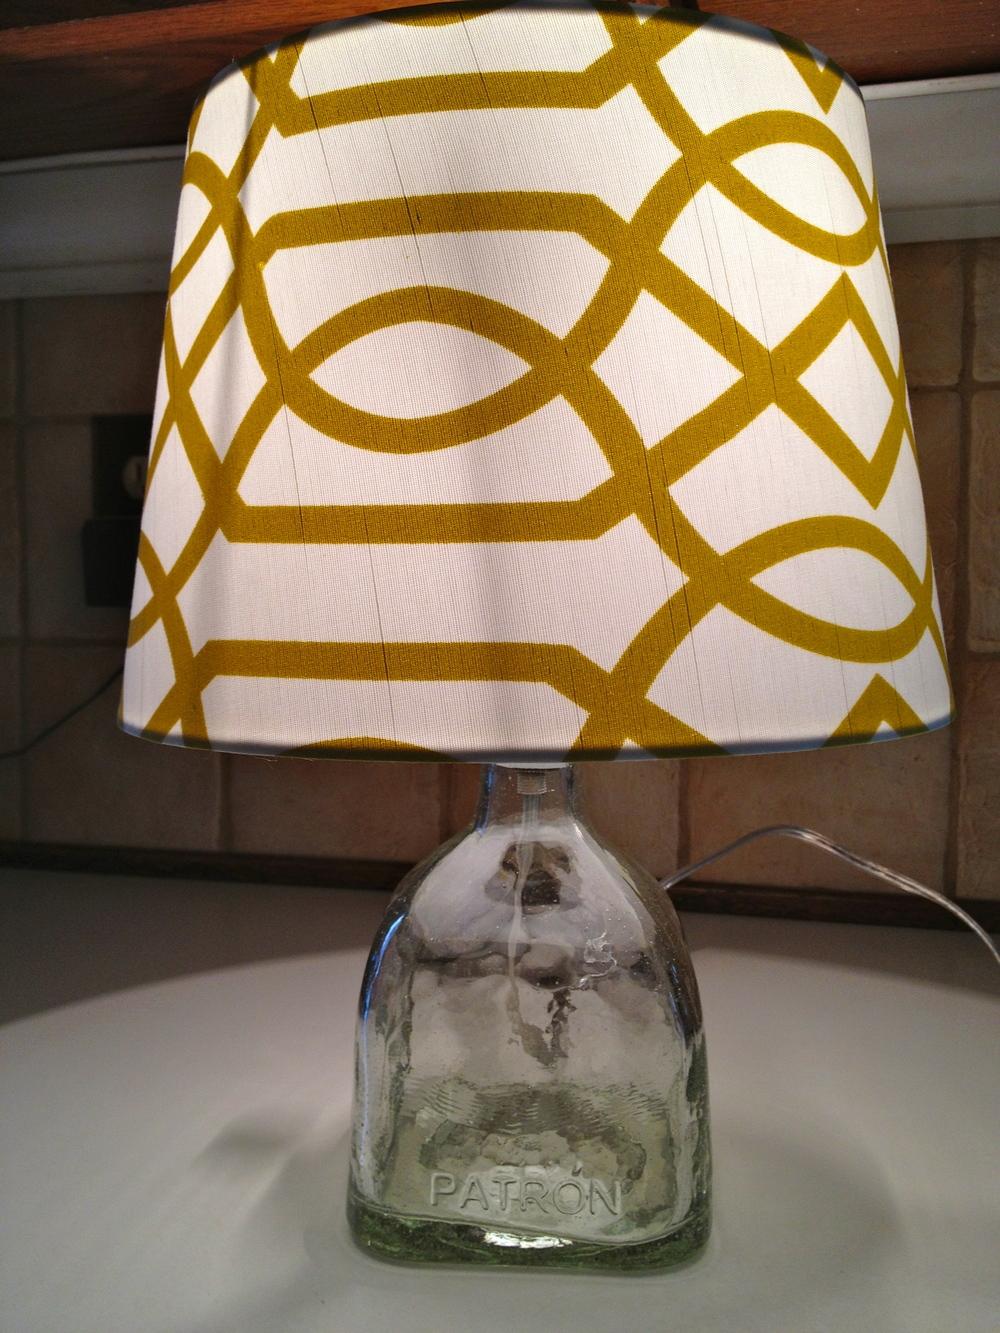 Patron Bottle Lamp2.jpg